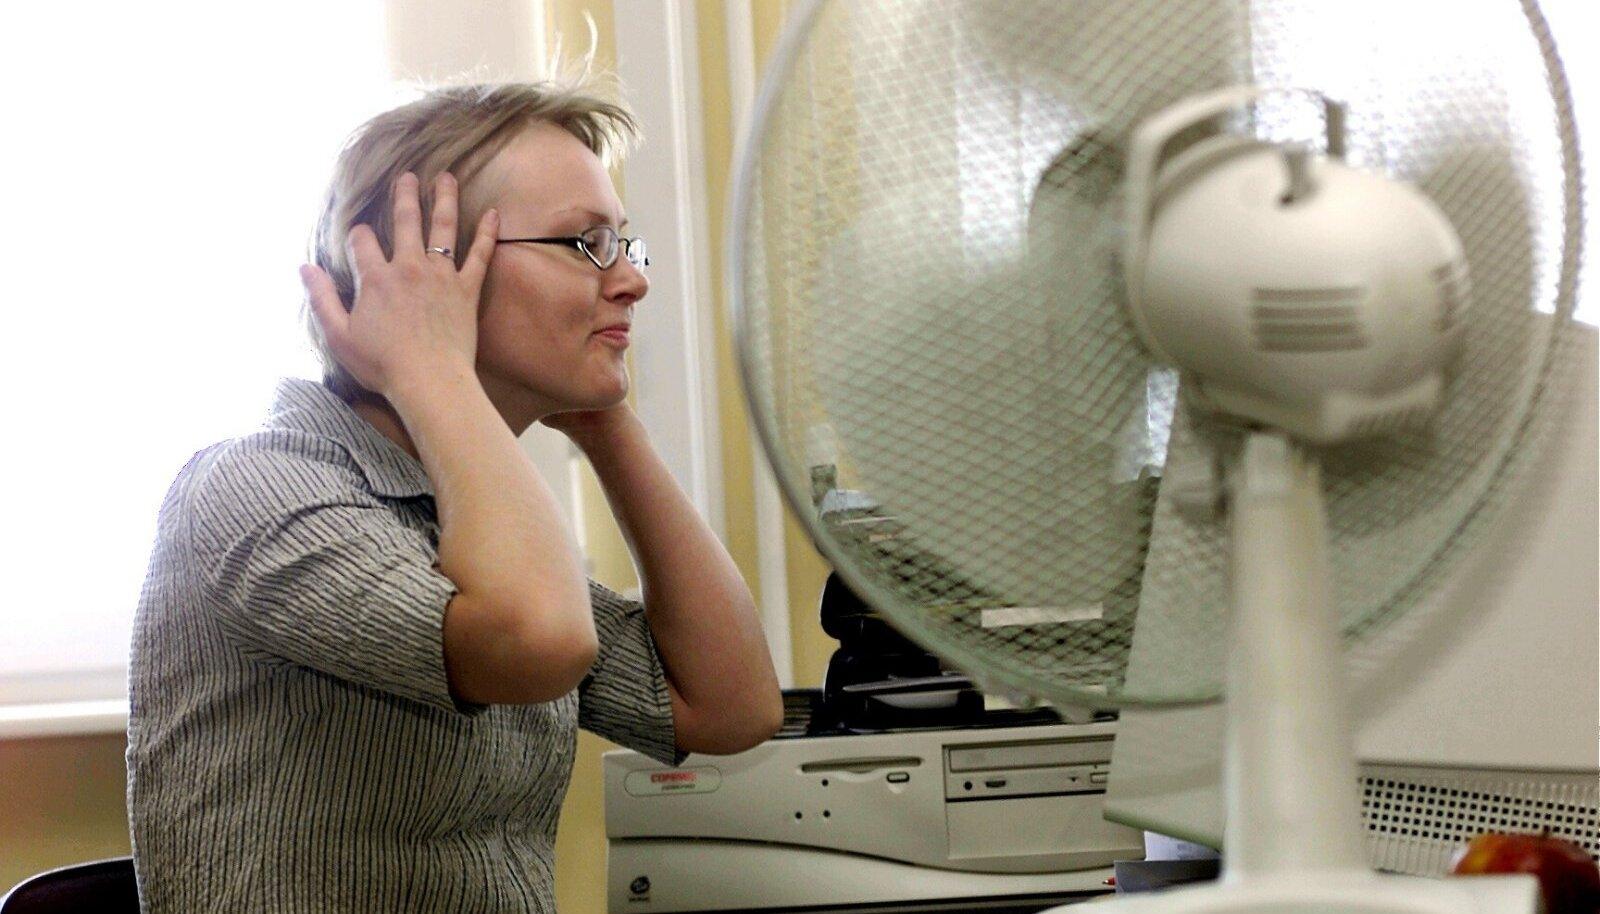 Muidugi ei asenda ventilaator kliimaseadet, aga õhku liigutab ja olukorda leevendab.